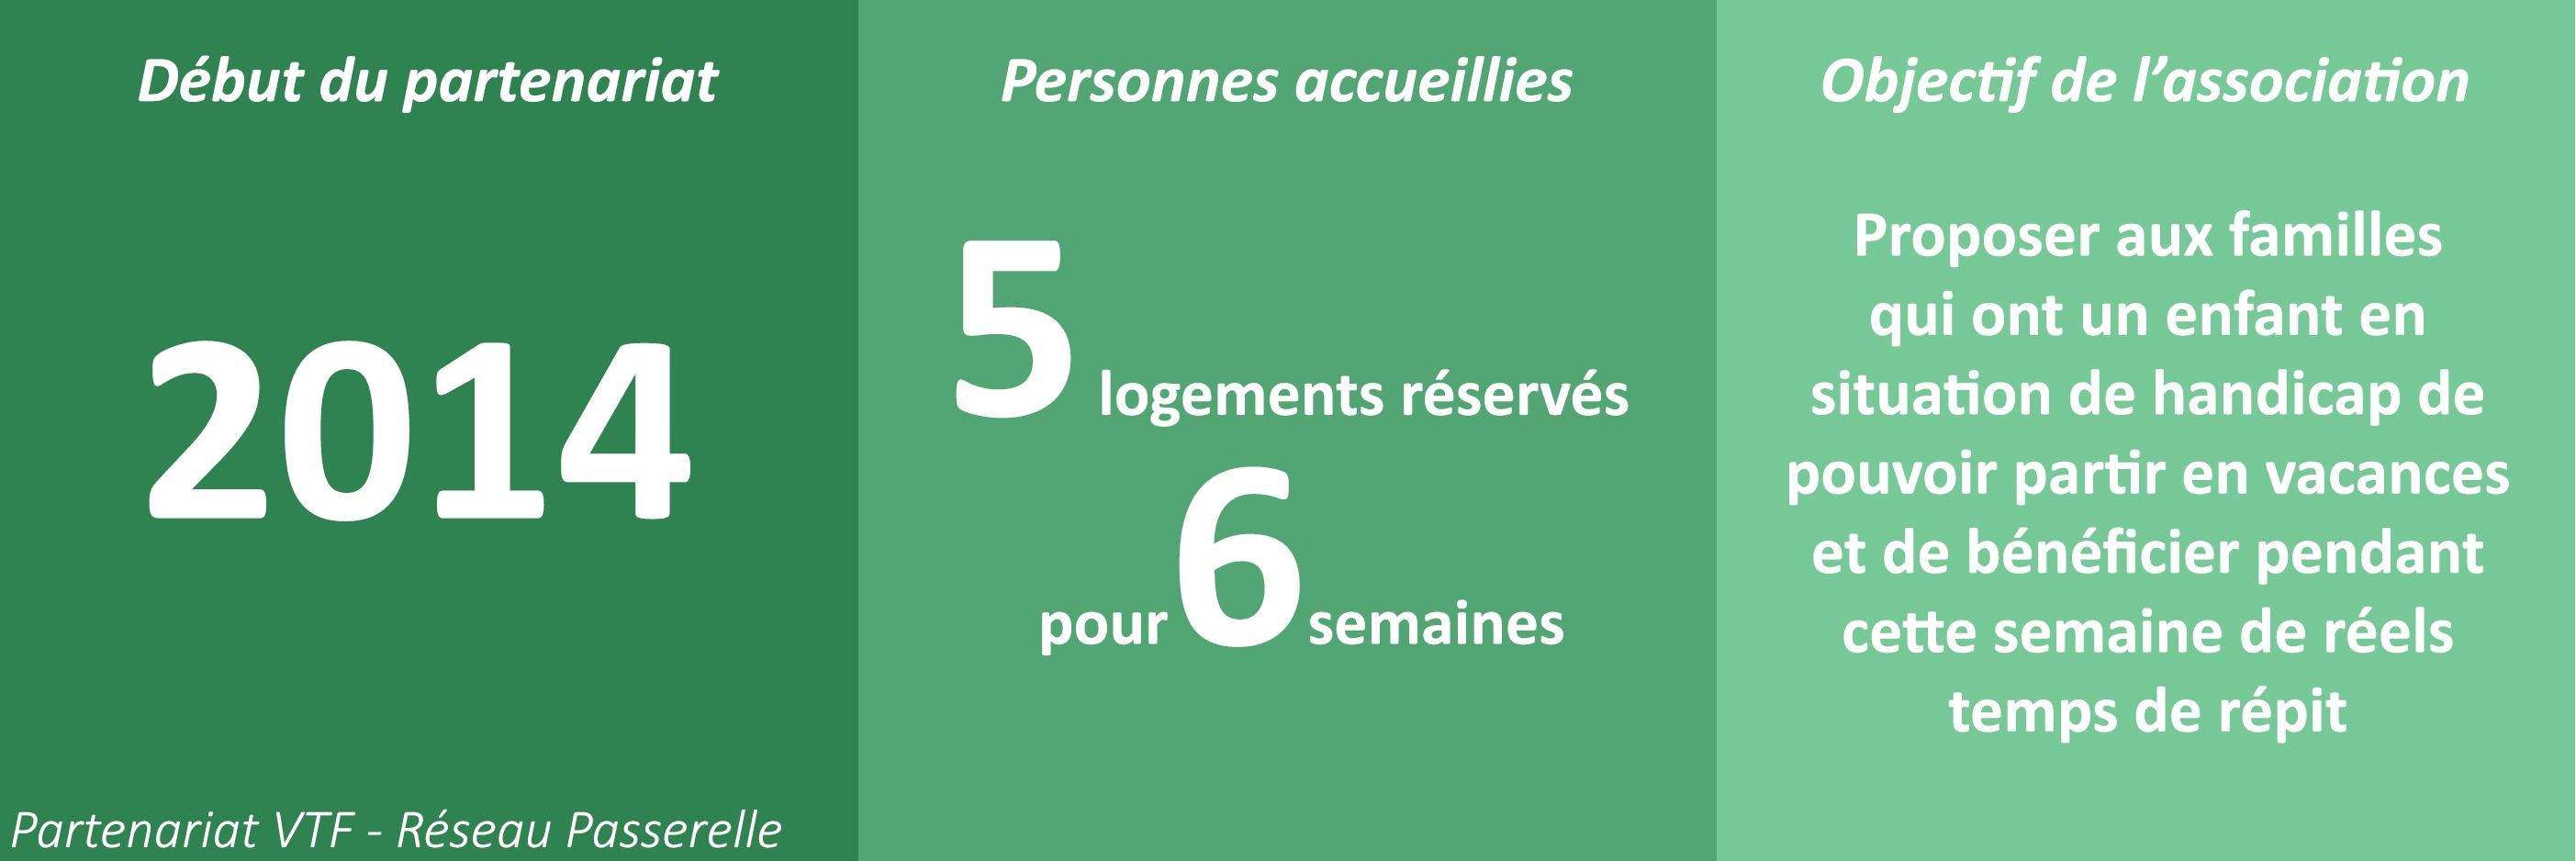 Partenariat VTF - Réseau Passerelle. Début du partenariat en 2014. L'objectif de l'association est de proposer aux familles qui ont un enfant en situation de handicap de pouvoir partir en vacances et de bénéficier, pendant cette semaine, de réels temps de répit.